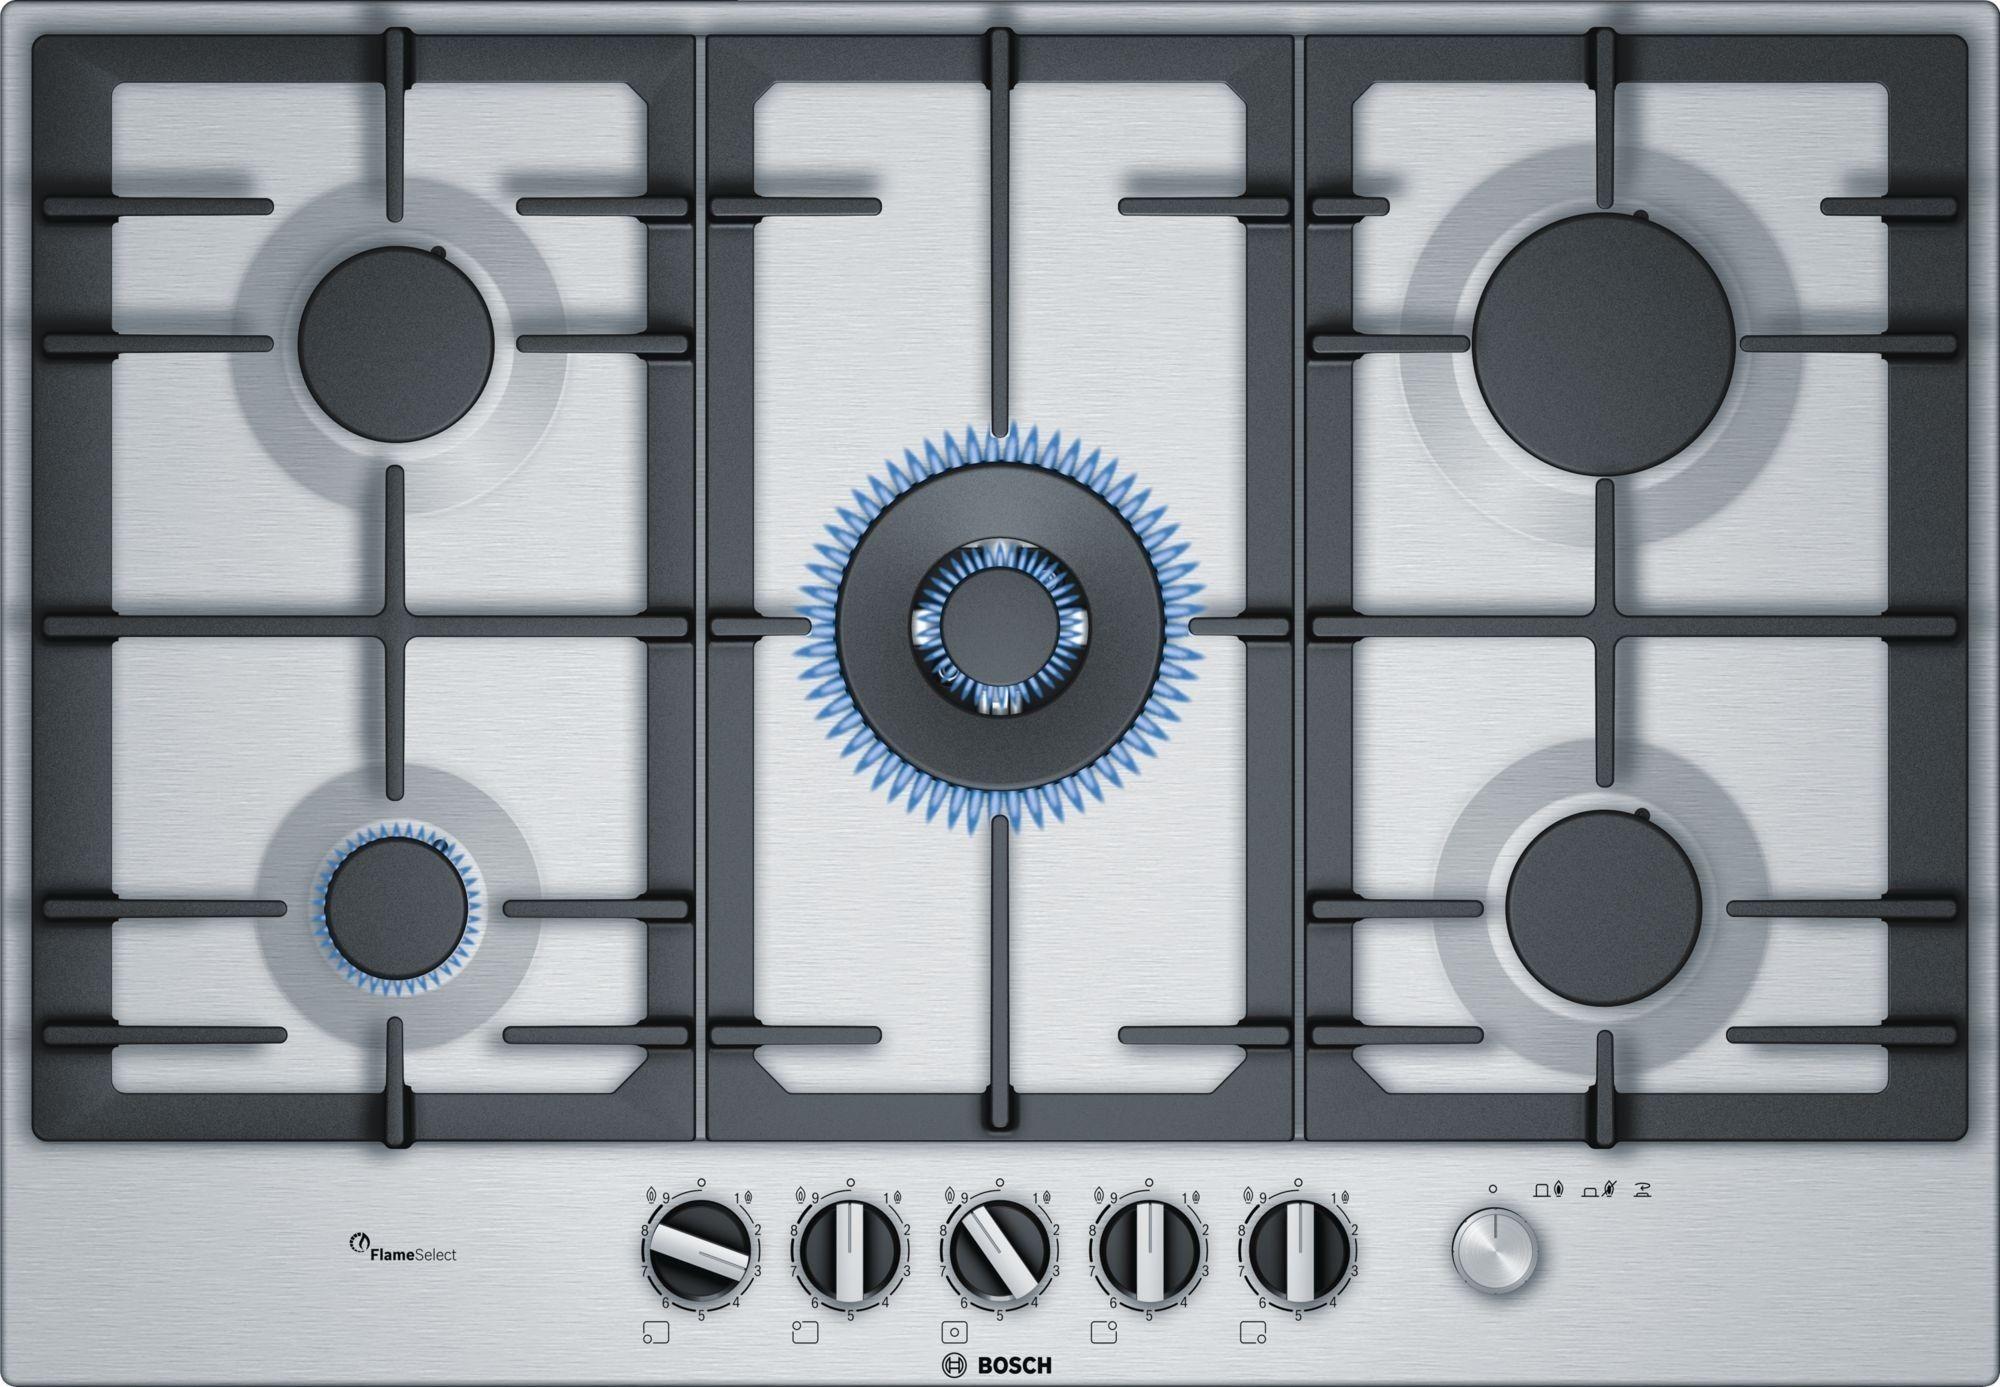 Płyta Bosch PCQ7A5M90, I tel. (22) 266 82 20 I Raty 0 % I kto pyta płaci mniej I Płatności online !